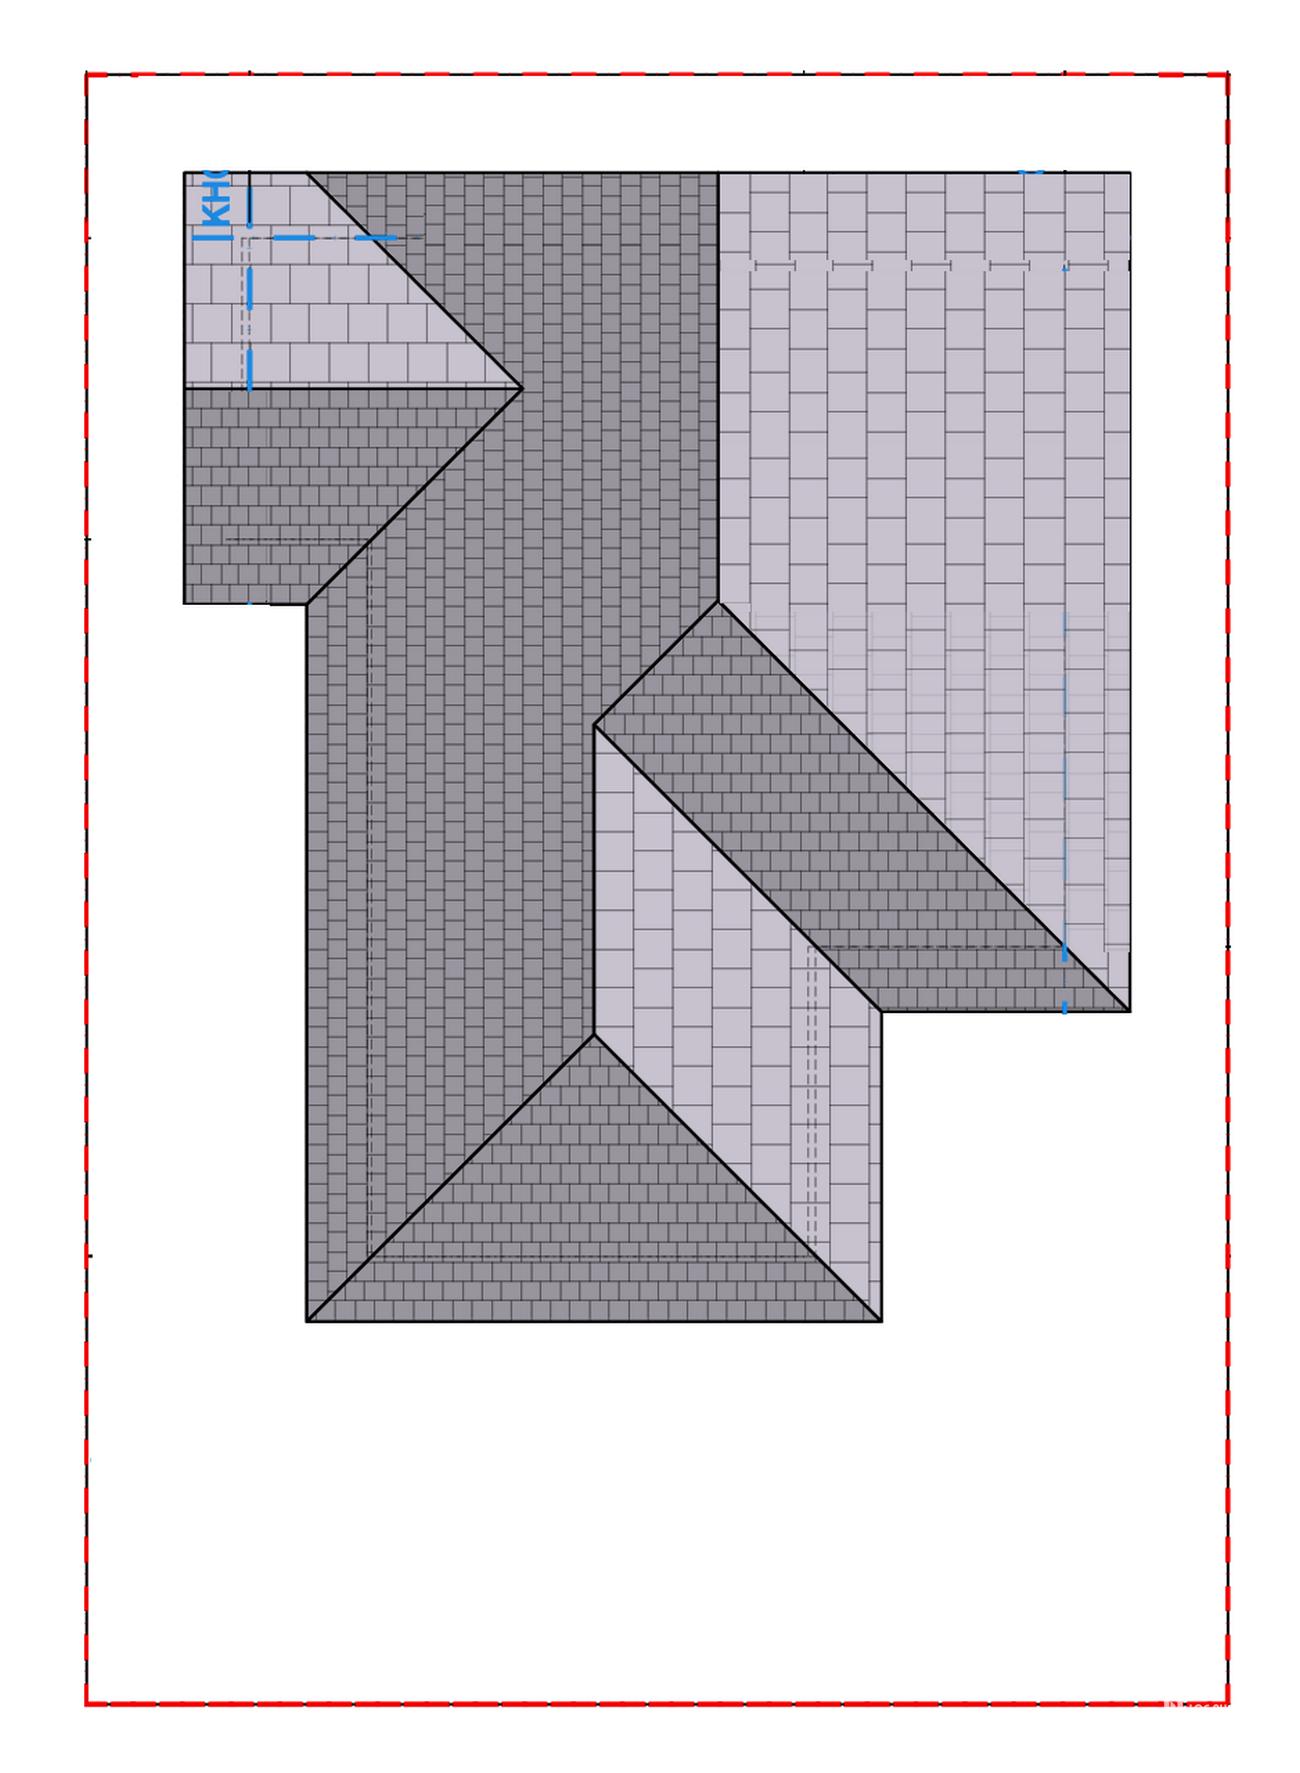 Thiết kế dự án nhà phố biệt thự Senturia Nam Sài Gòn Bình Chánh Đường Nguyễn Văn Linh chủ đầu tư Tiến Phước